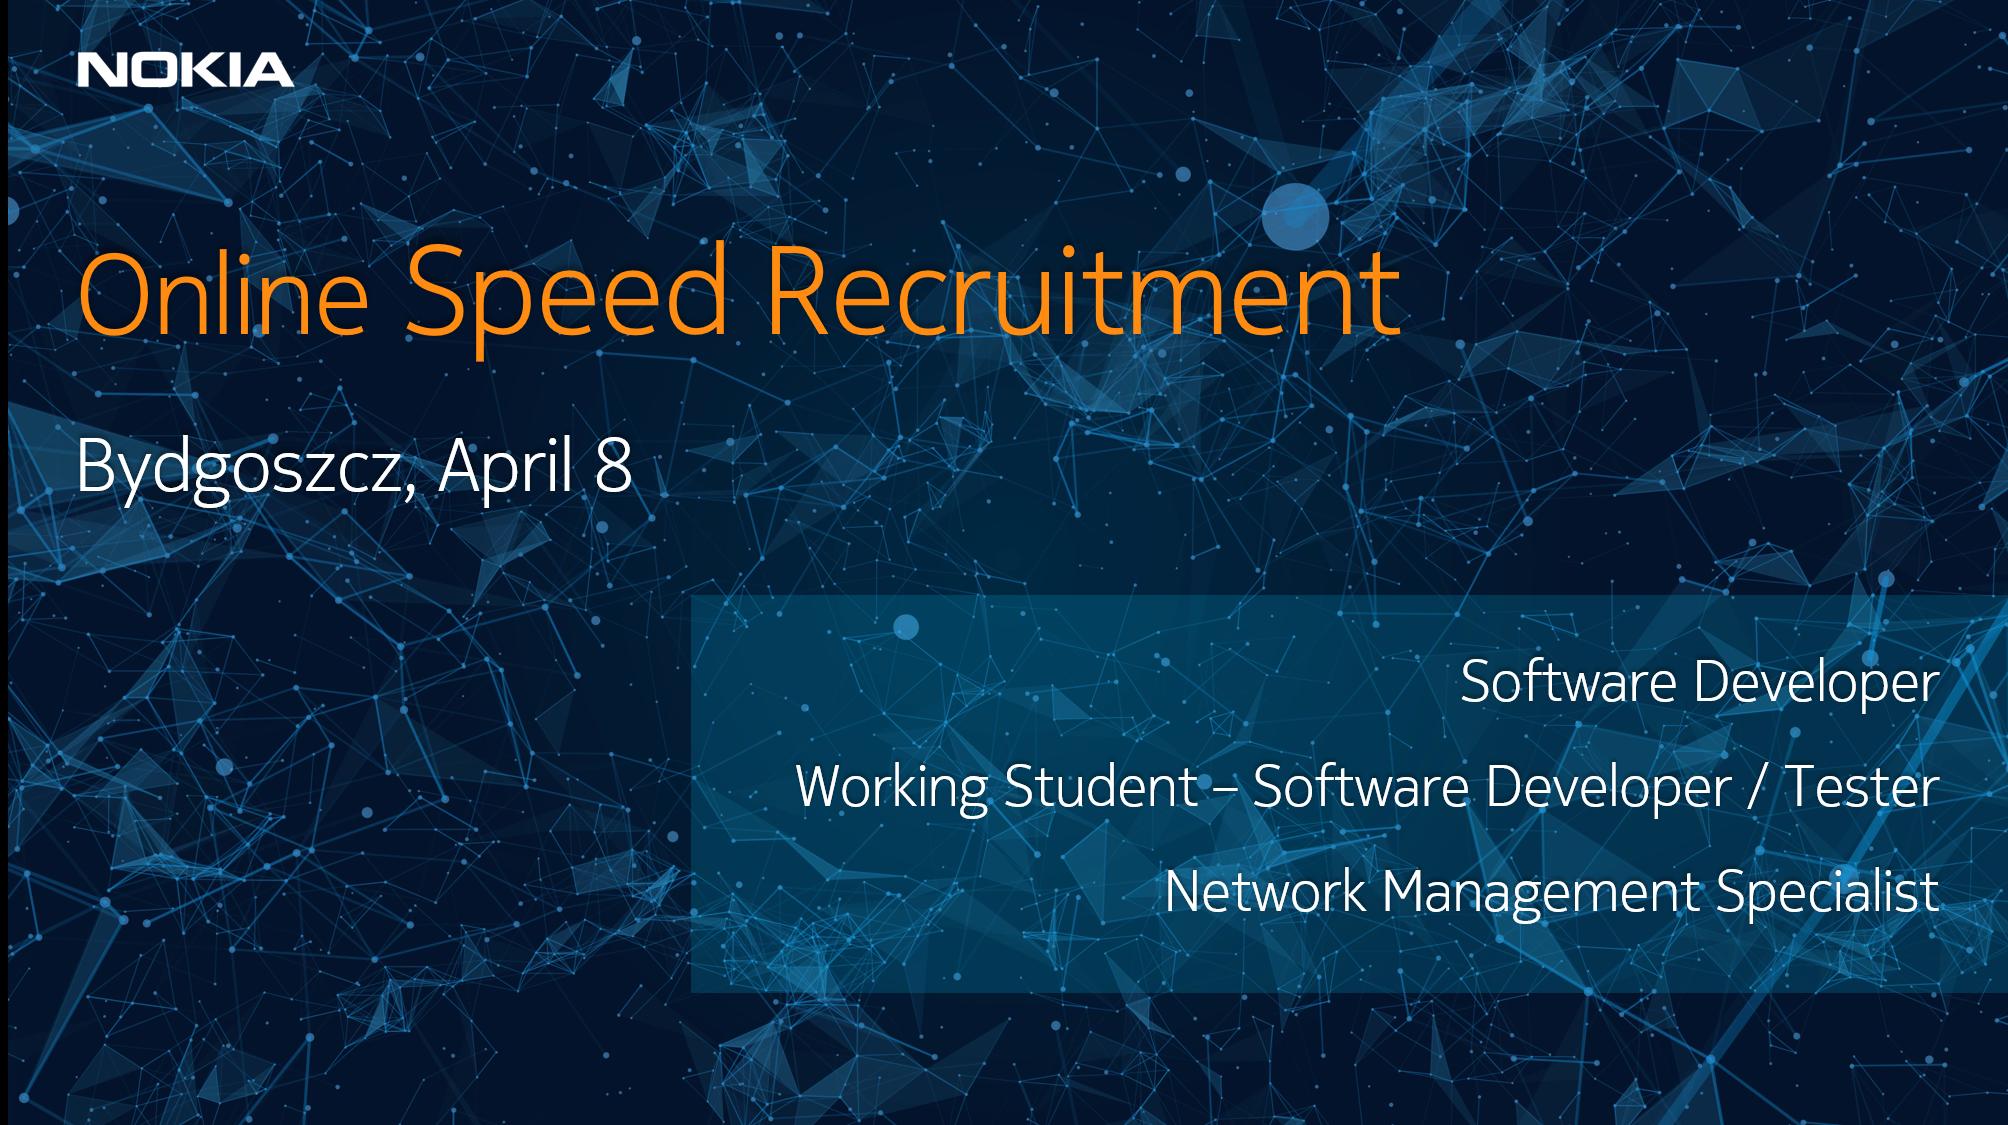 Zapraszamy na wydarzenie on-line organizowane przez firmę NOKIA – speed recruitment.